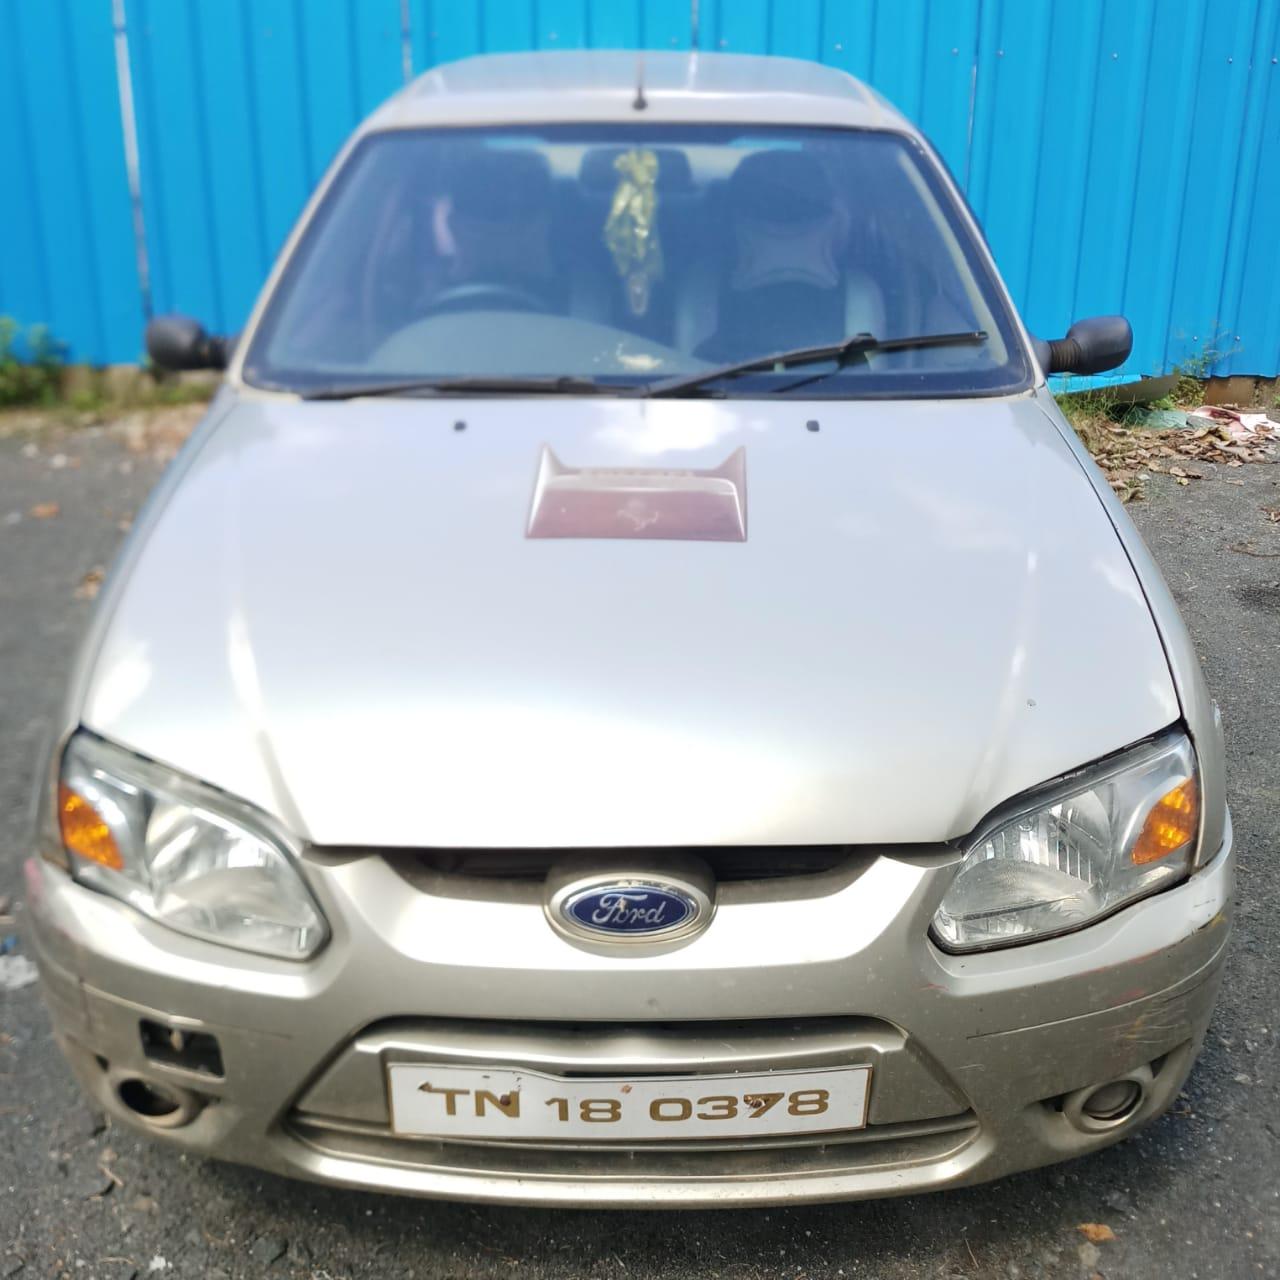 2009 Used Ford Ikon 1.3 FLAIR